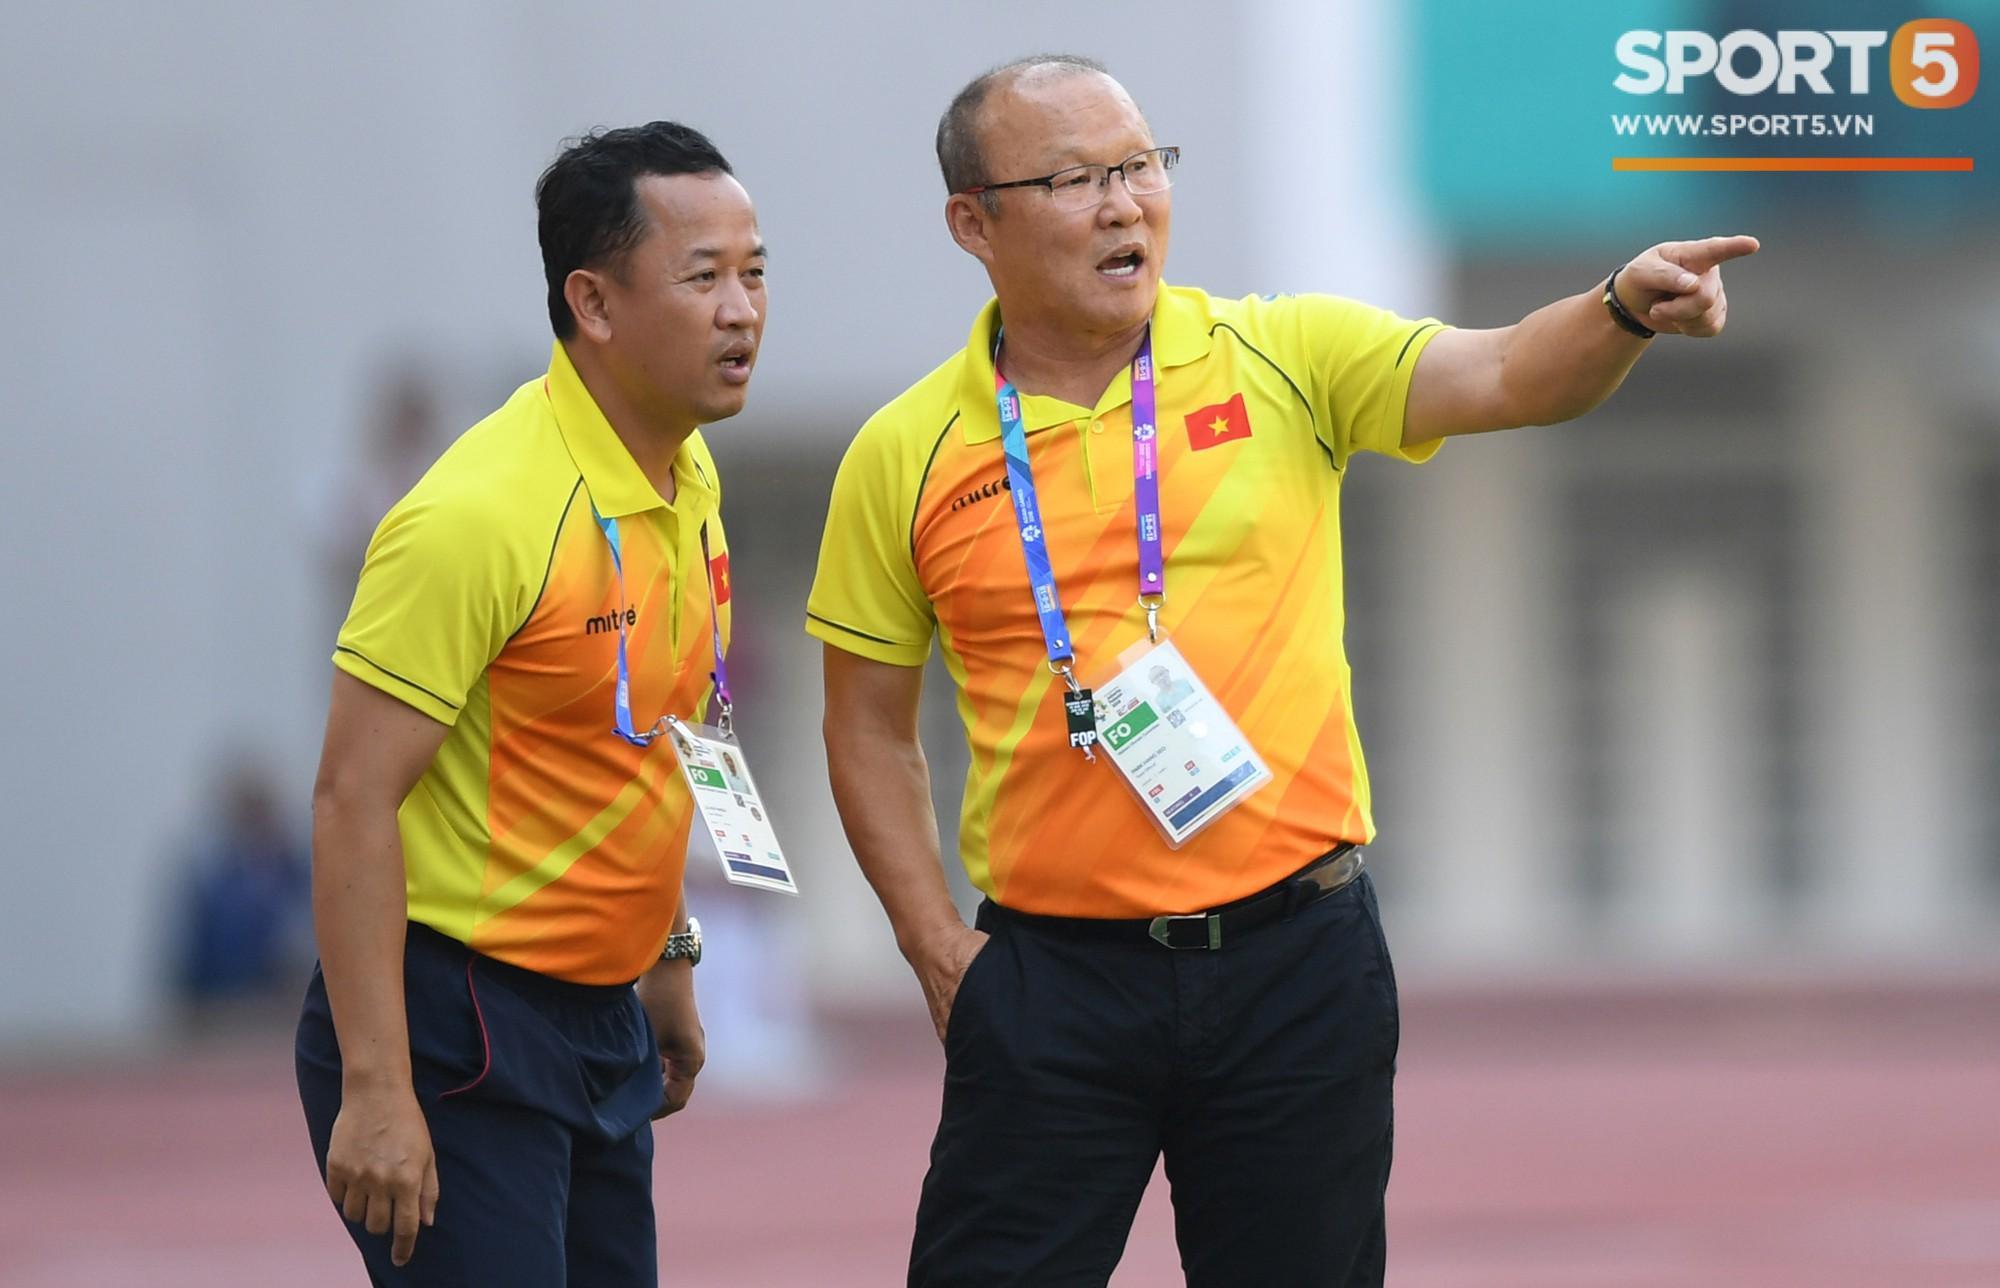 Những toan tính đằng sau lá đơn từ chức của trợ lý ngôn ngữ cho ông Park Hang-seo - Ảnh 1.